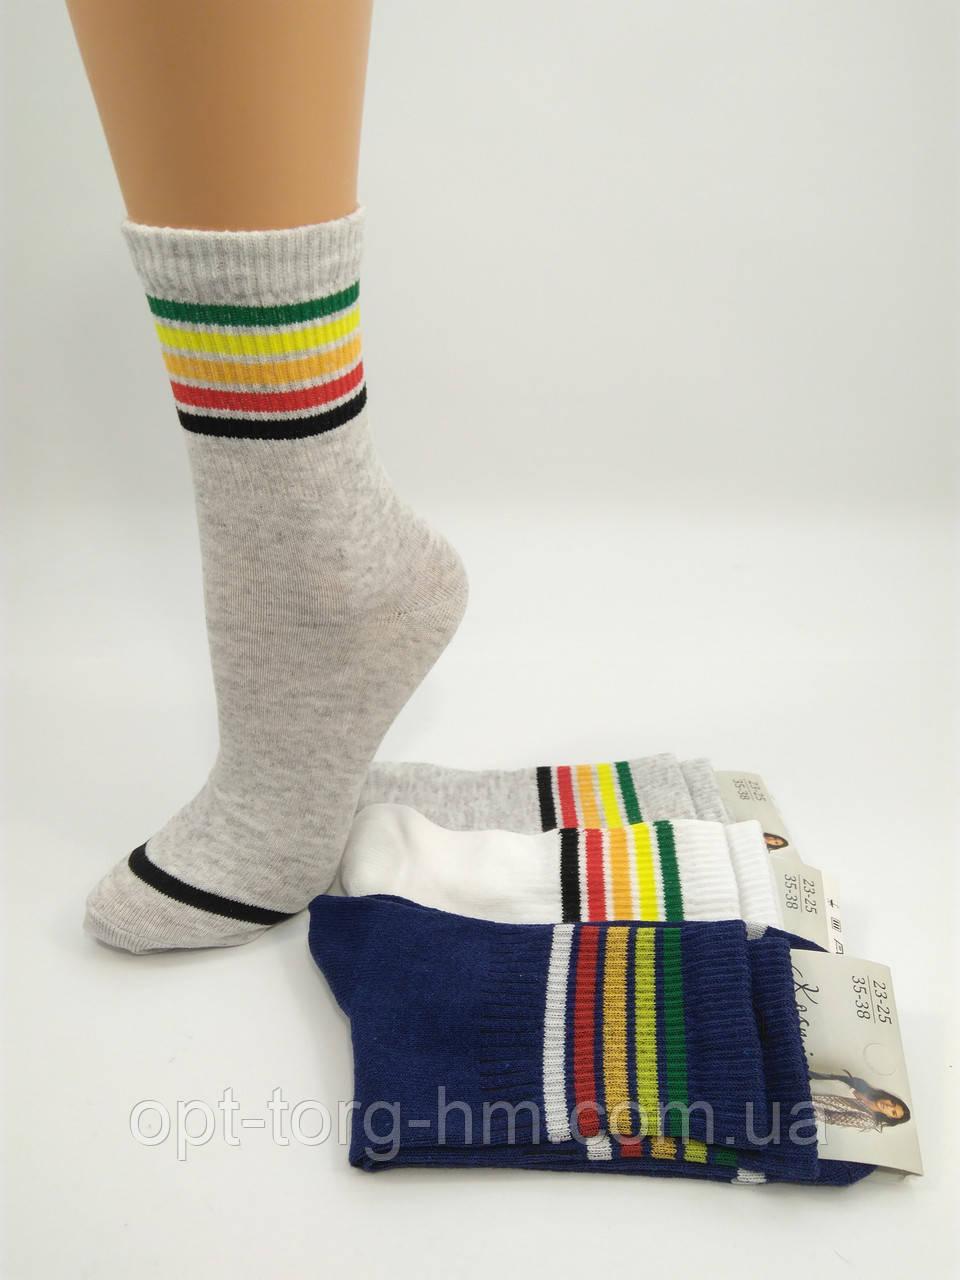 """Носки полоска """"Кosmi"""" (35-38 обувь)"""